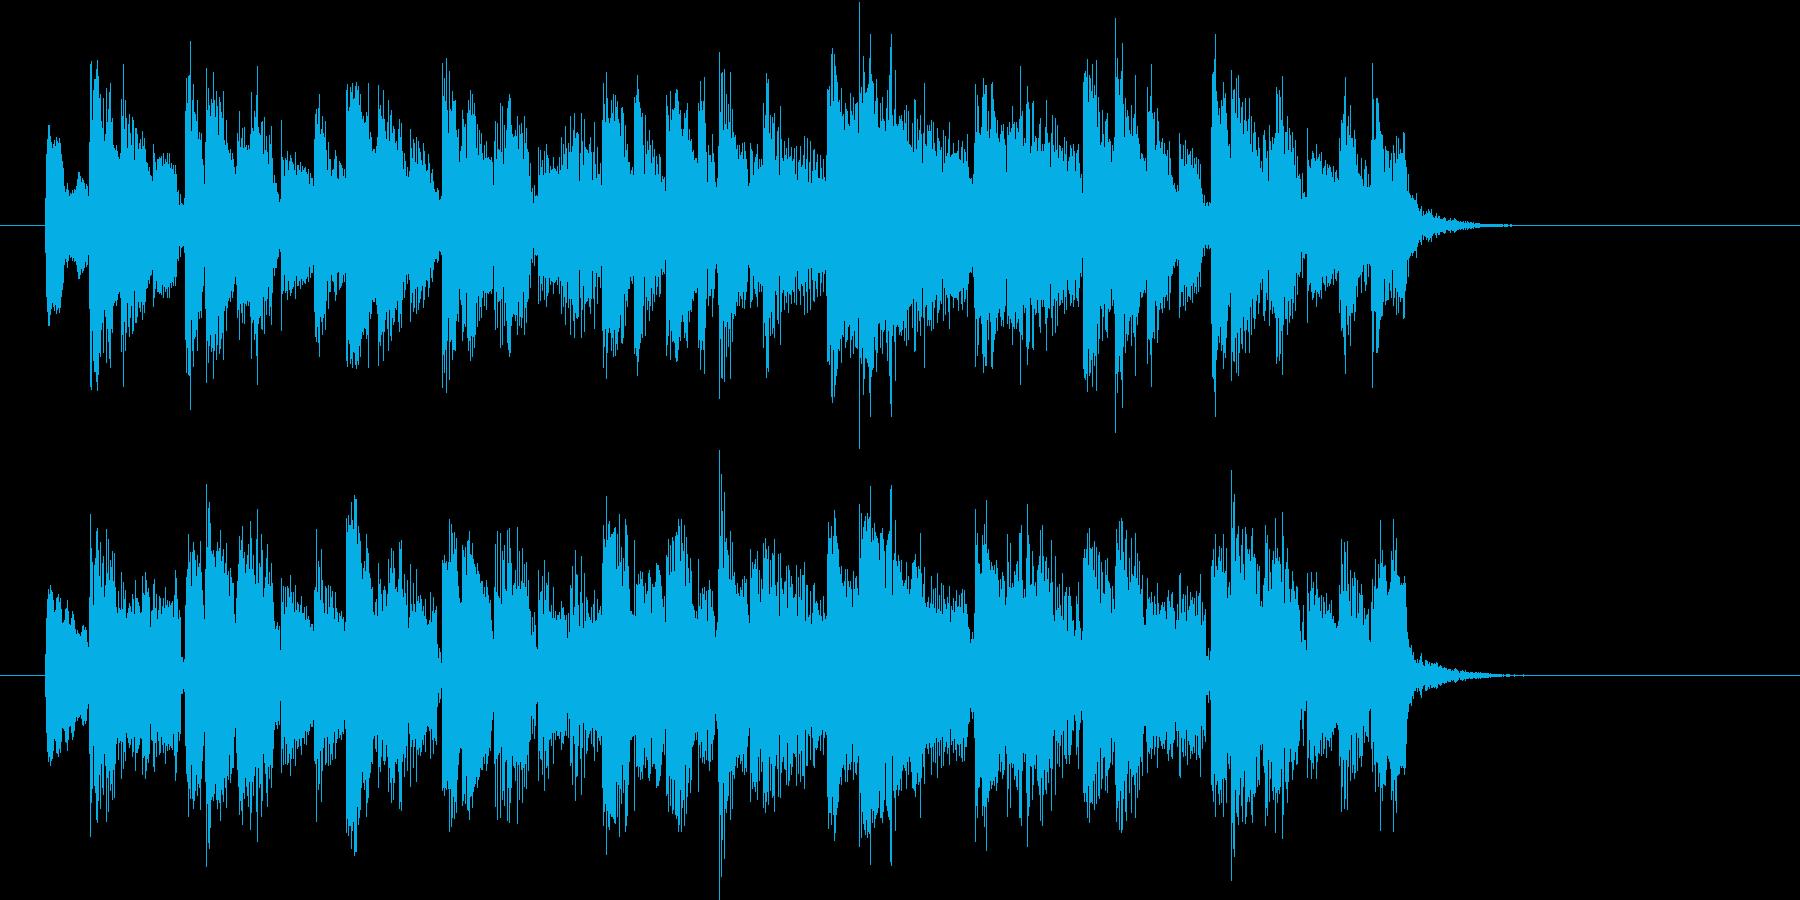 和やかでゆったりな明るい音楽の再生済みの波形